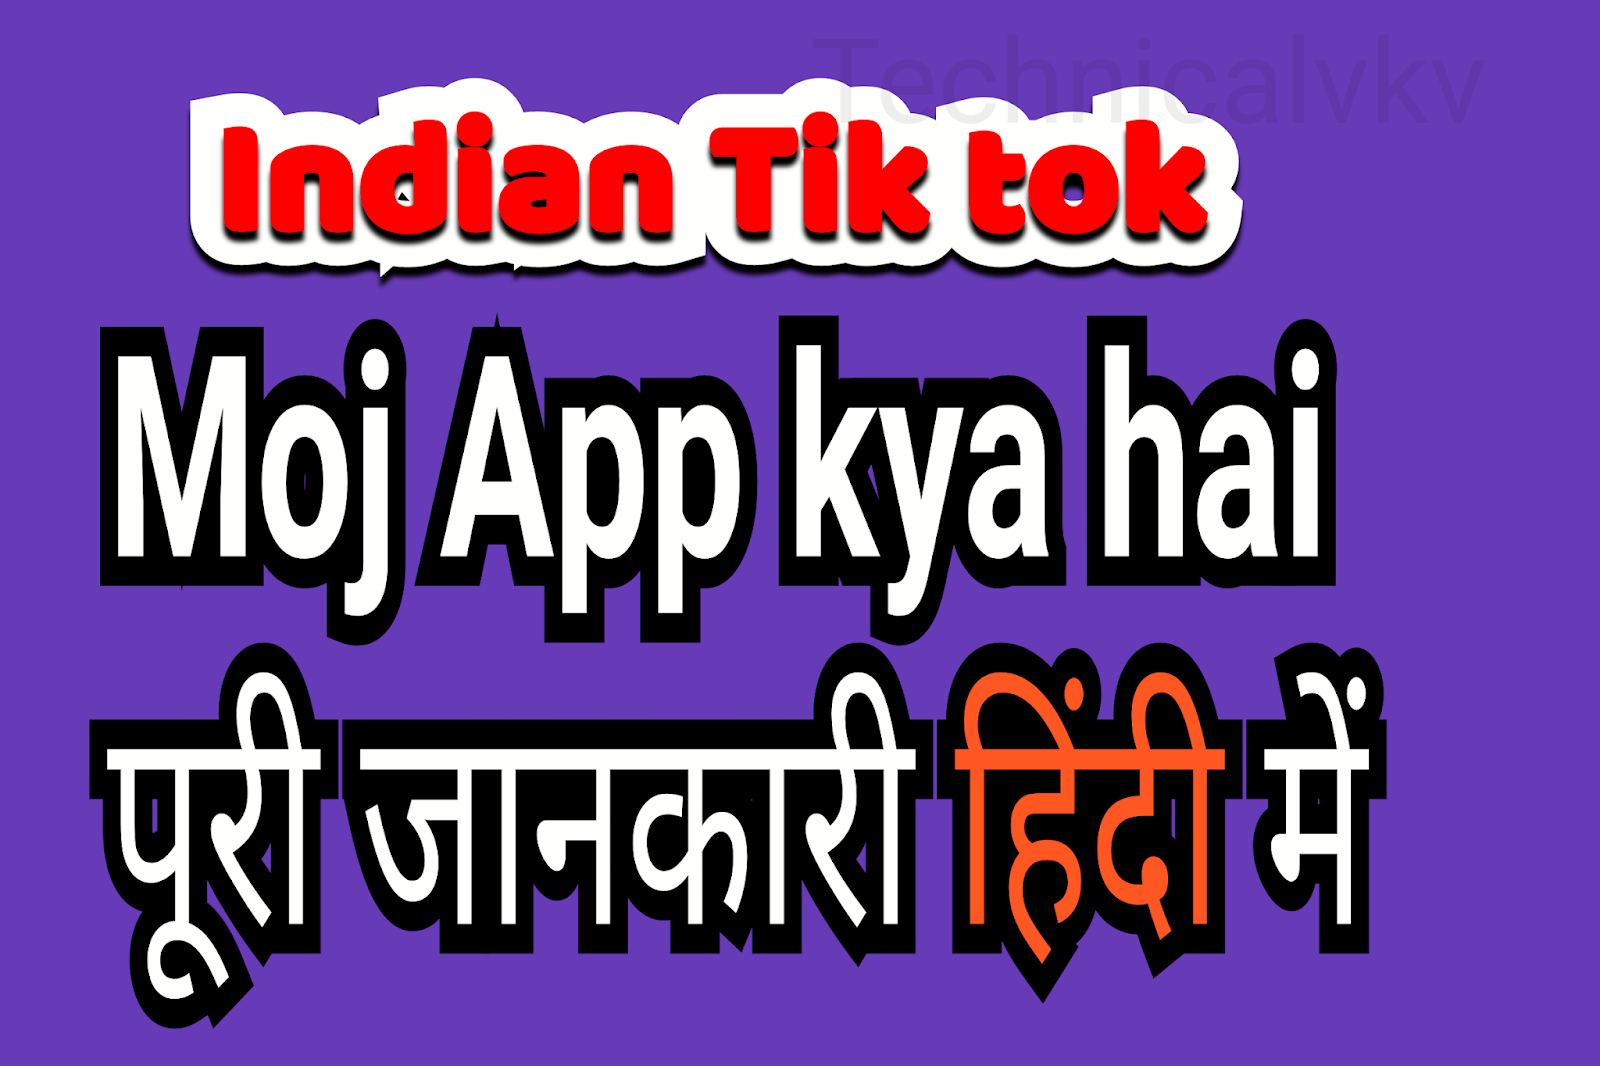 Moj app Kya hai पूरी जानकारी हिंदी में